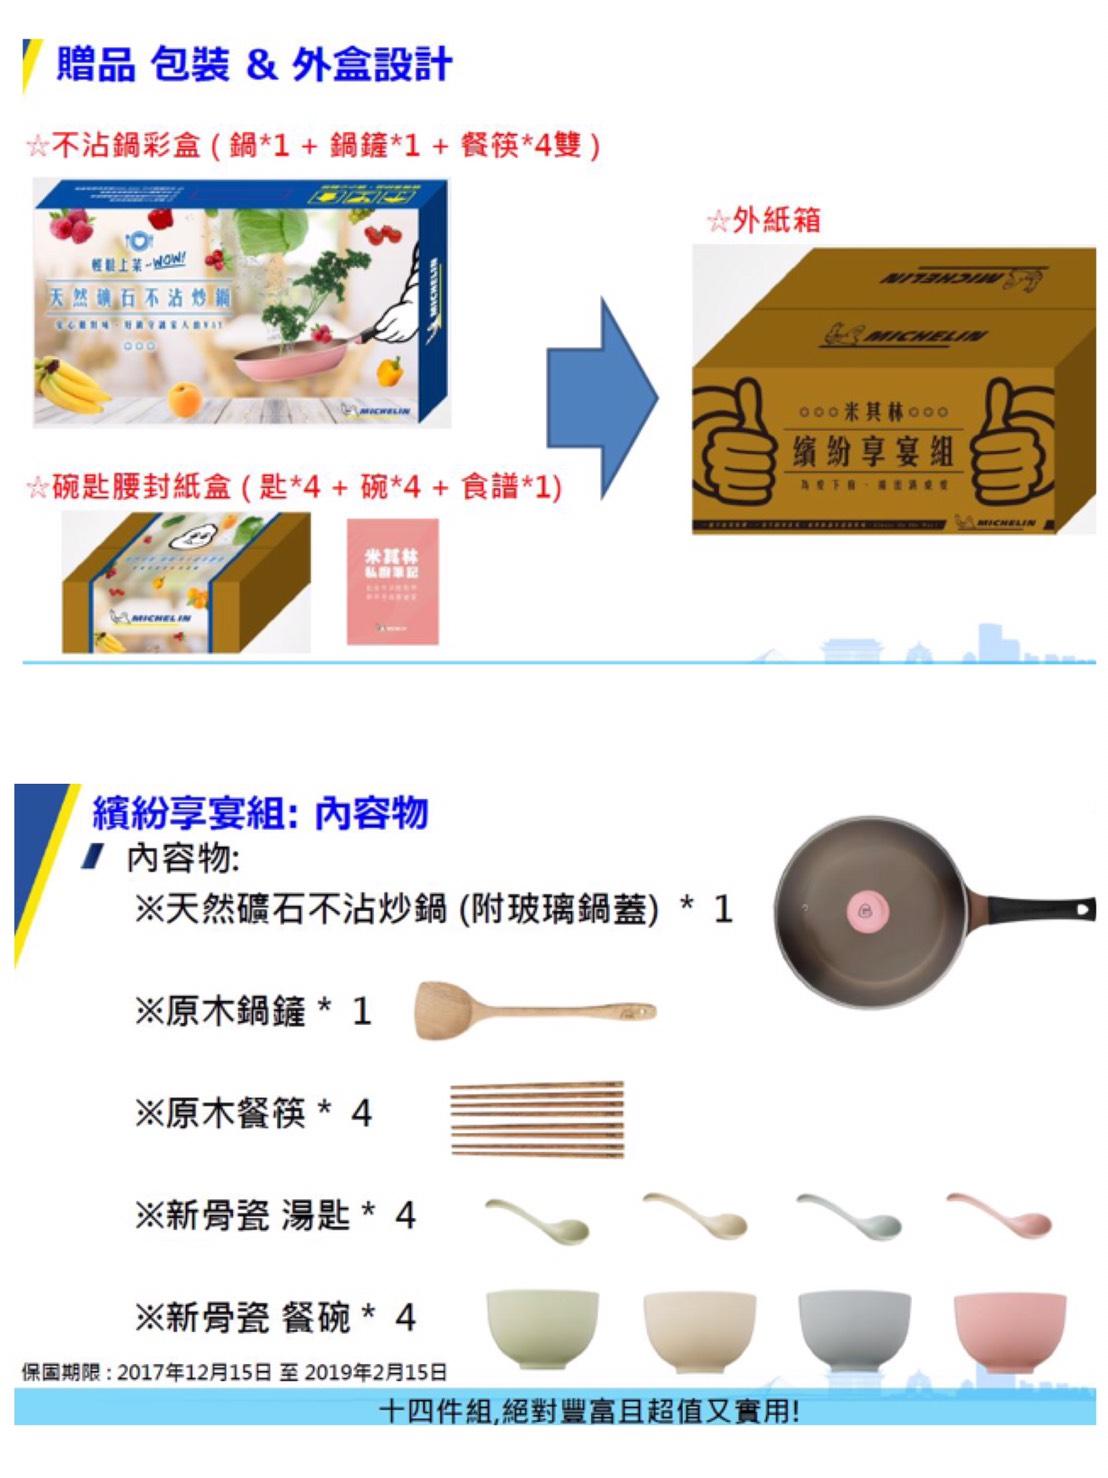 大晉汽車四輪定位.jpg